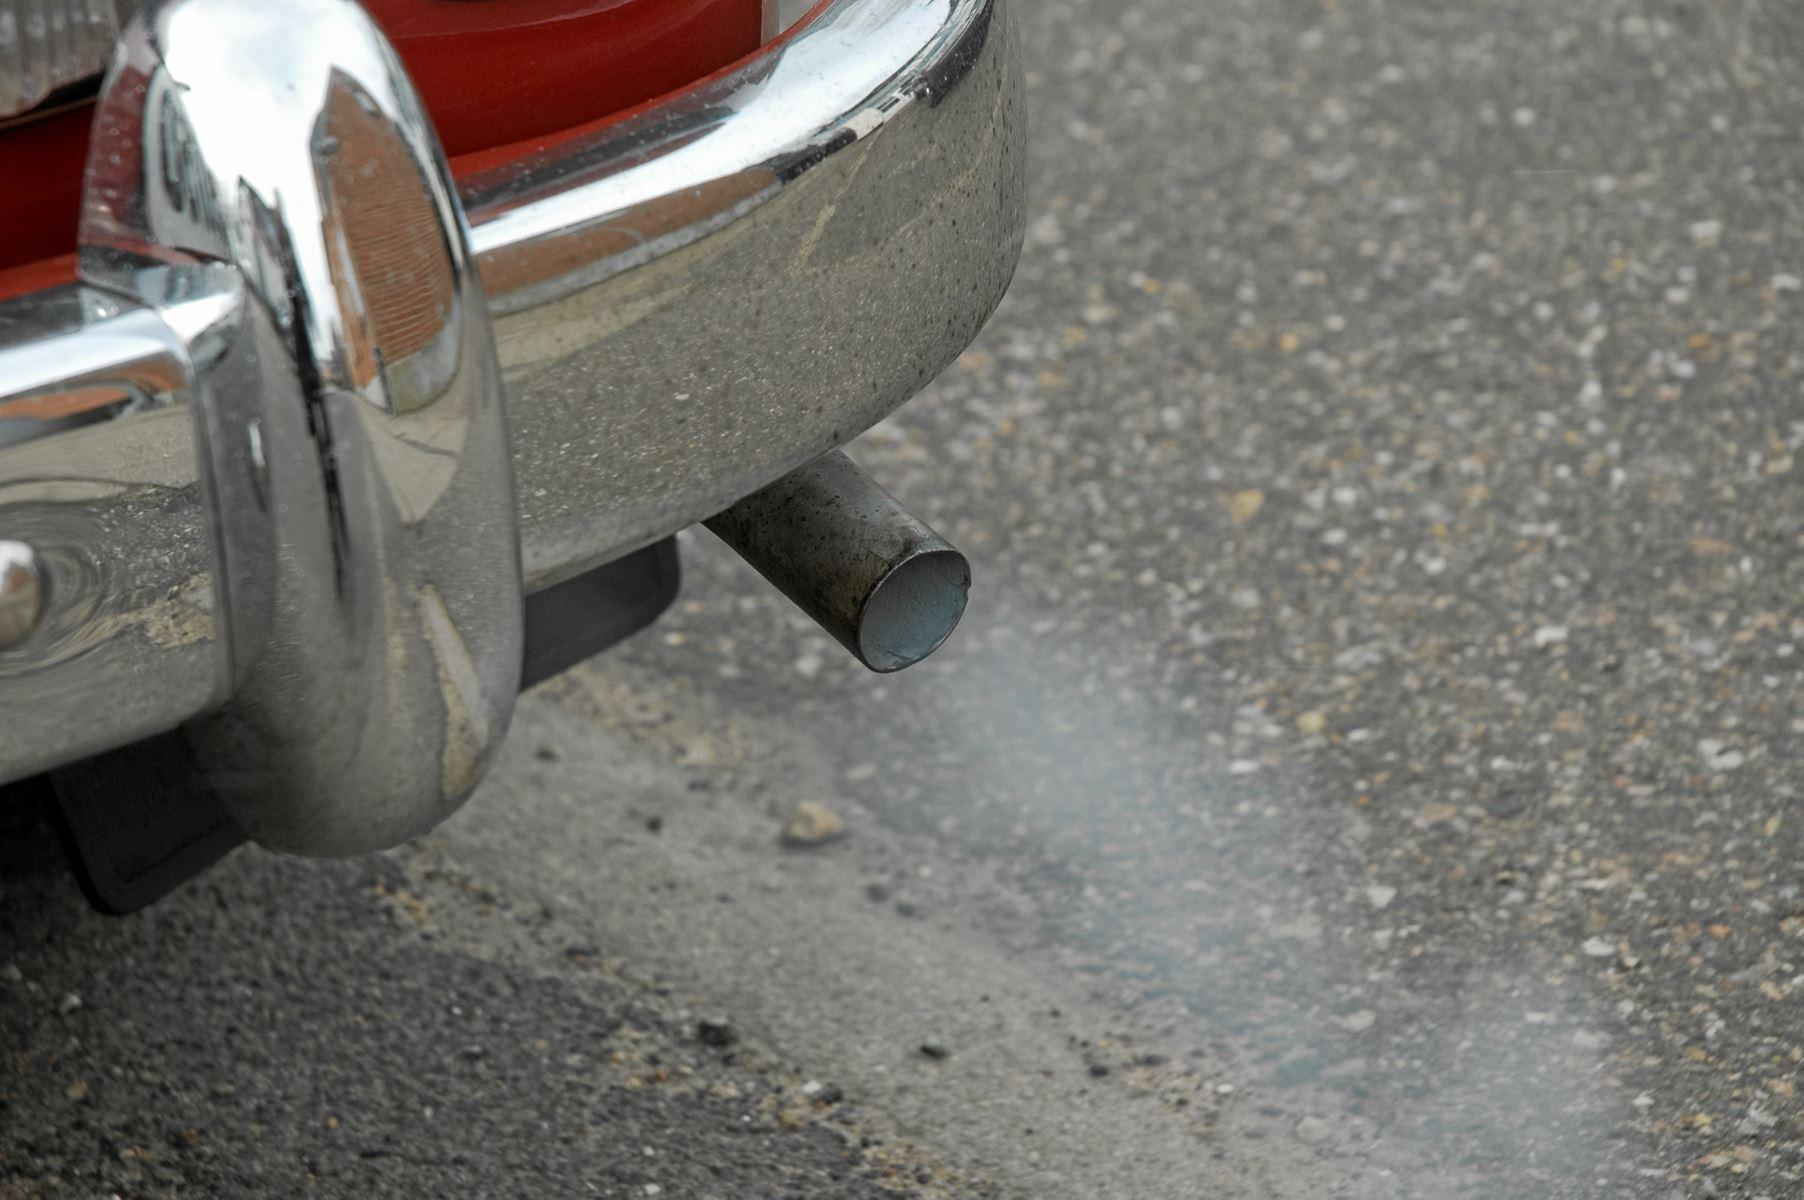 Kolde vintermorgener kan indbyde til at lade motoren gå i kold tomgang, mens isen skrabes af ruden. Men det er skidt for miljøet og motoren - og det kan give en bøde